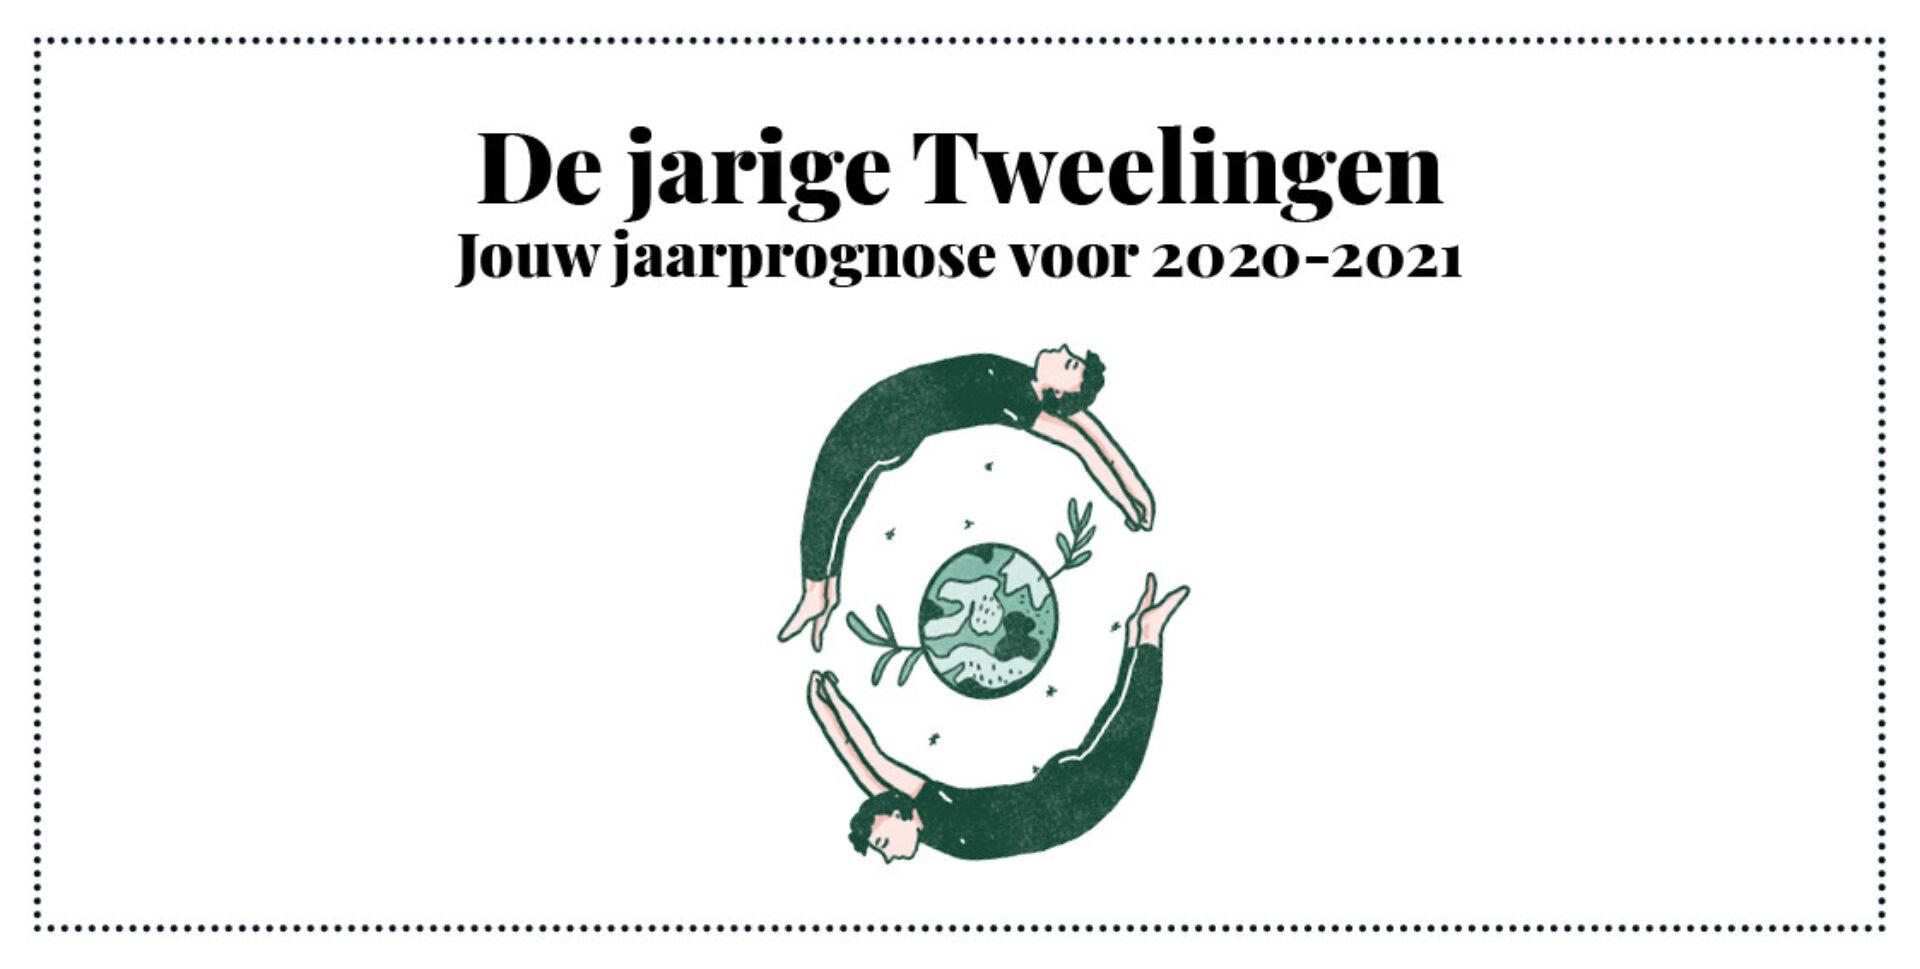 Tweelingen, jouw jaarhoroscoop 2020-2021